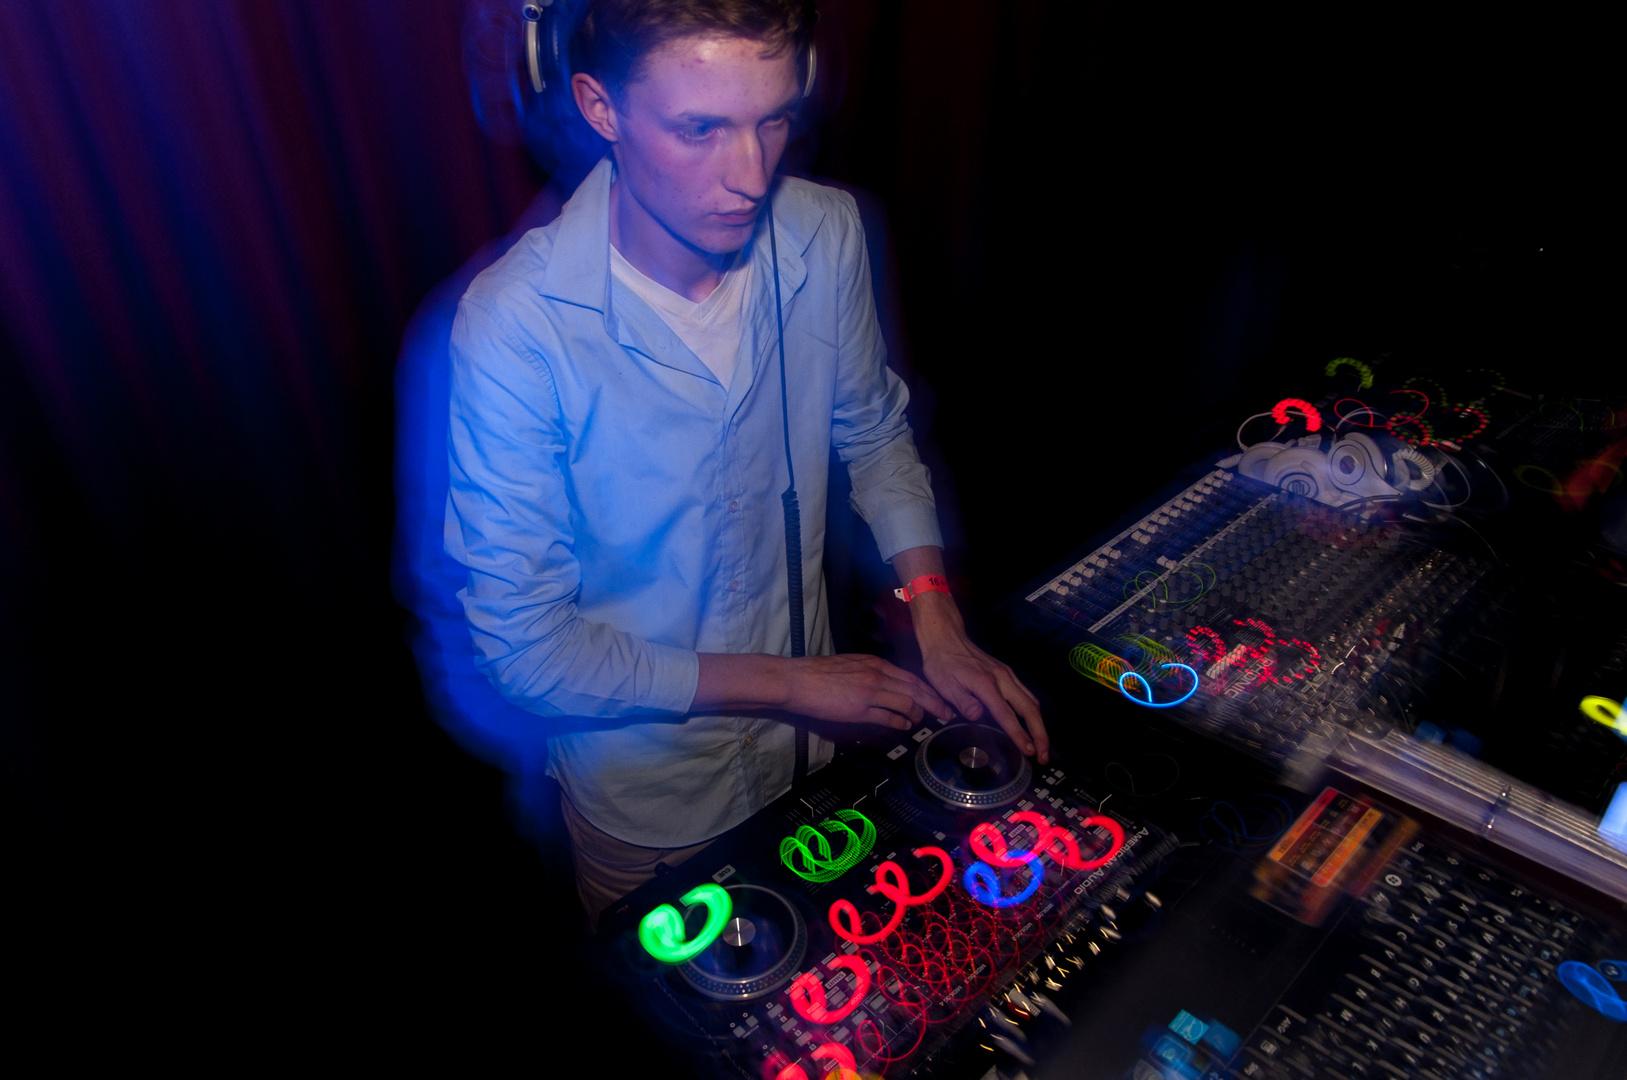 DJ Zombie.MD